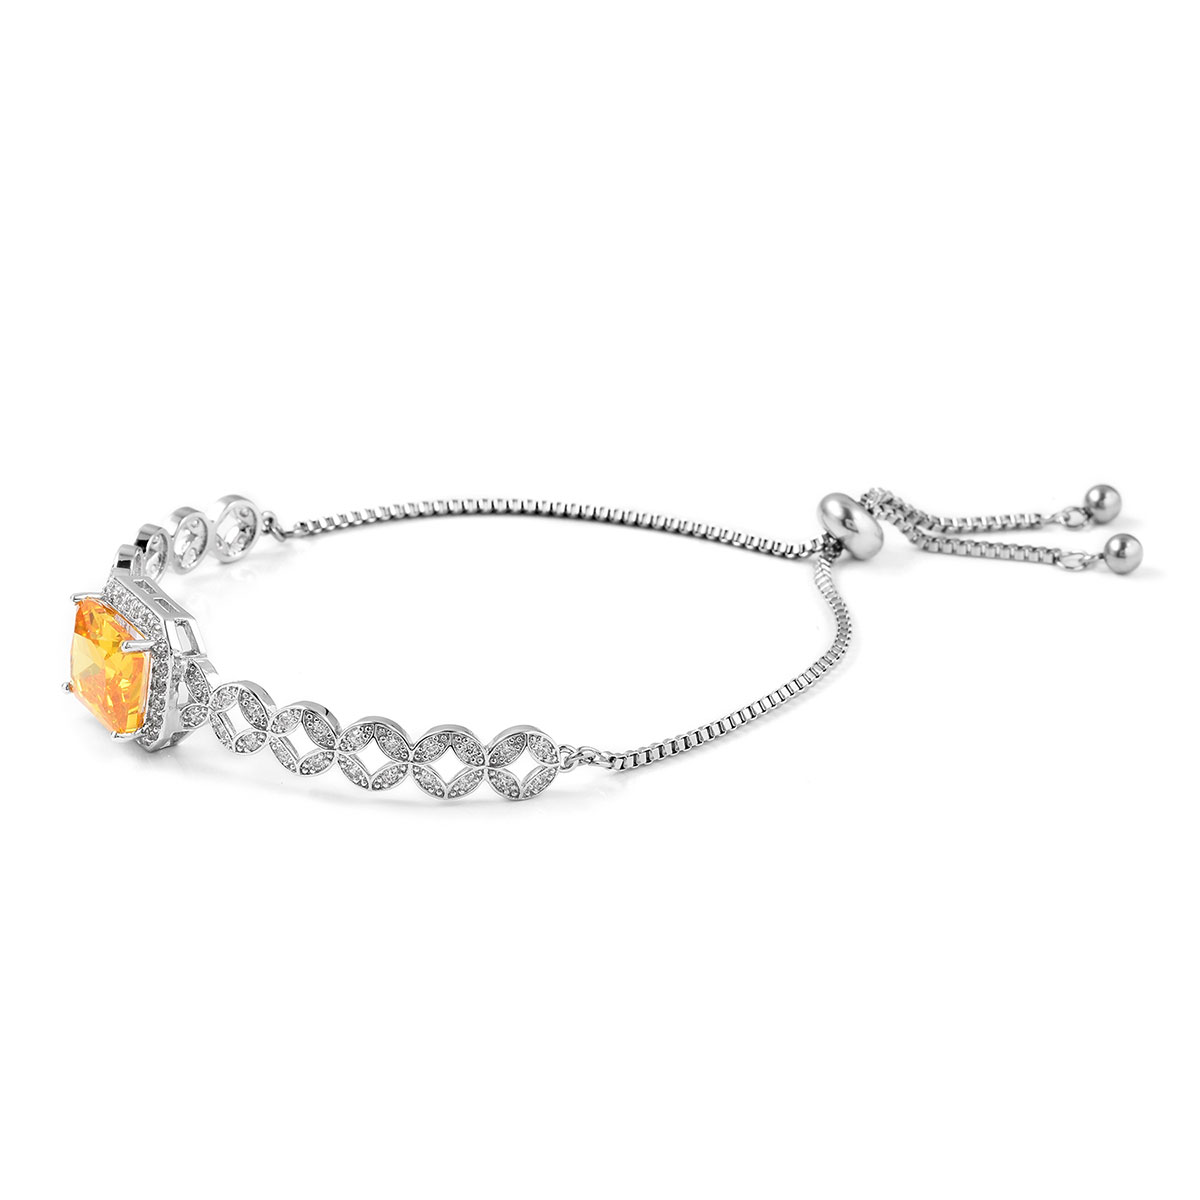 12-Color-Options-Cubic-Zirconia-Bracelet-Chain-Pendant-Necklace-Set-Adjustable thumbnail 108